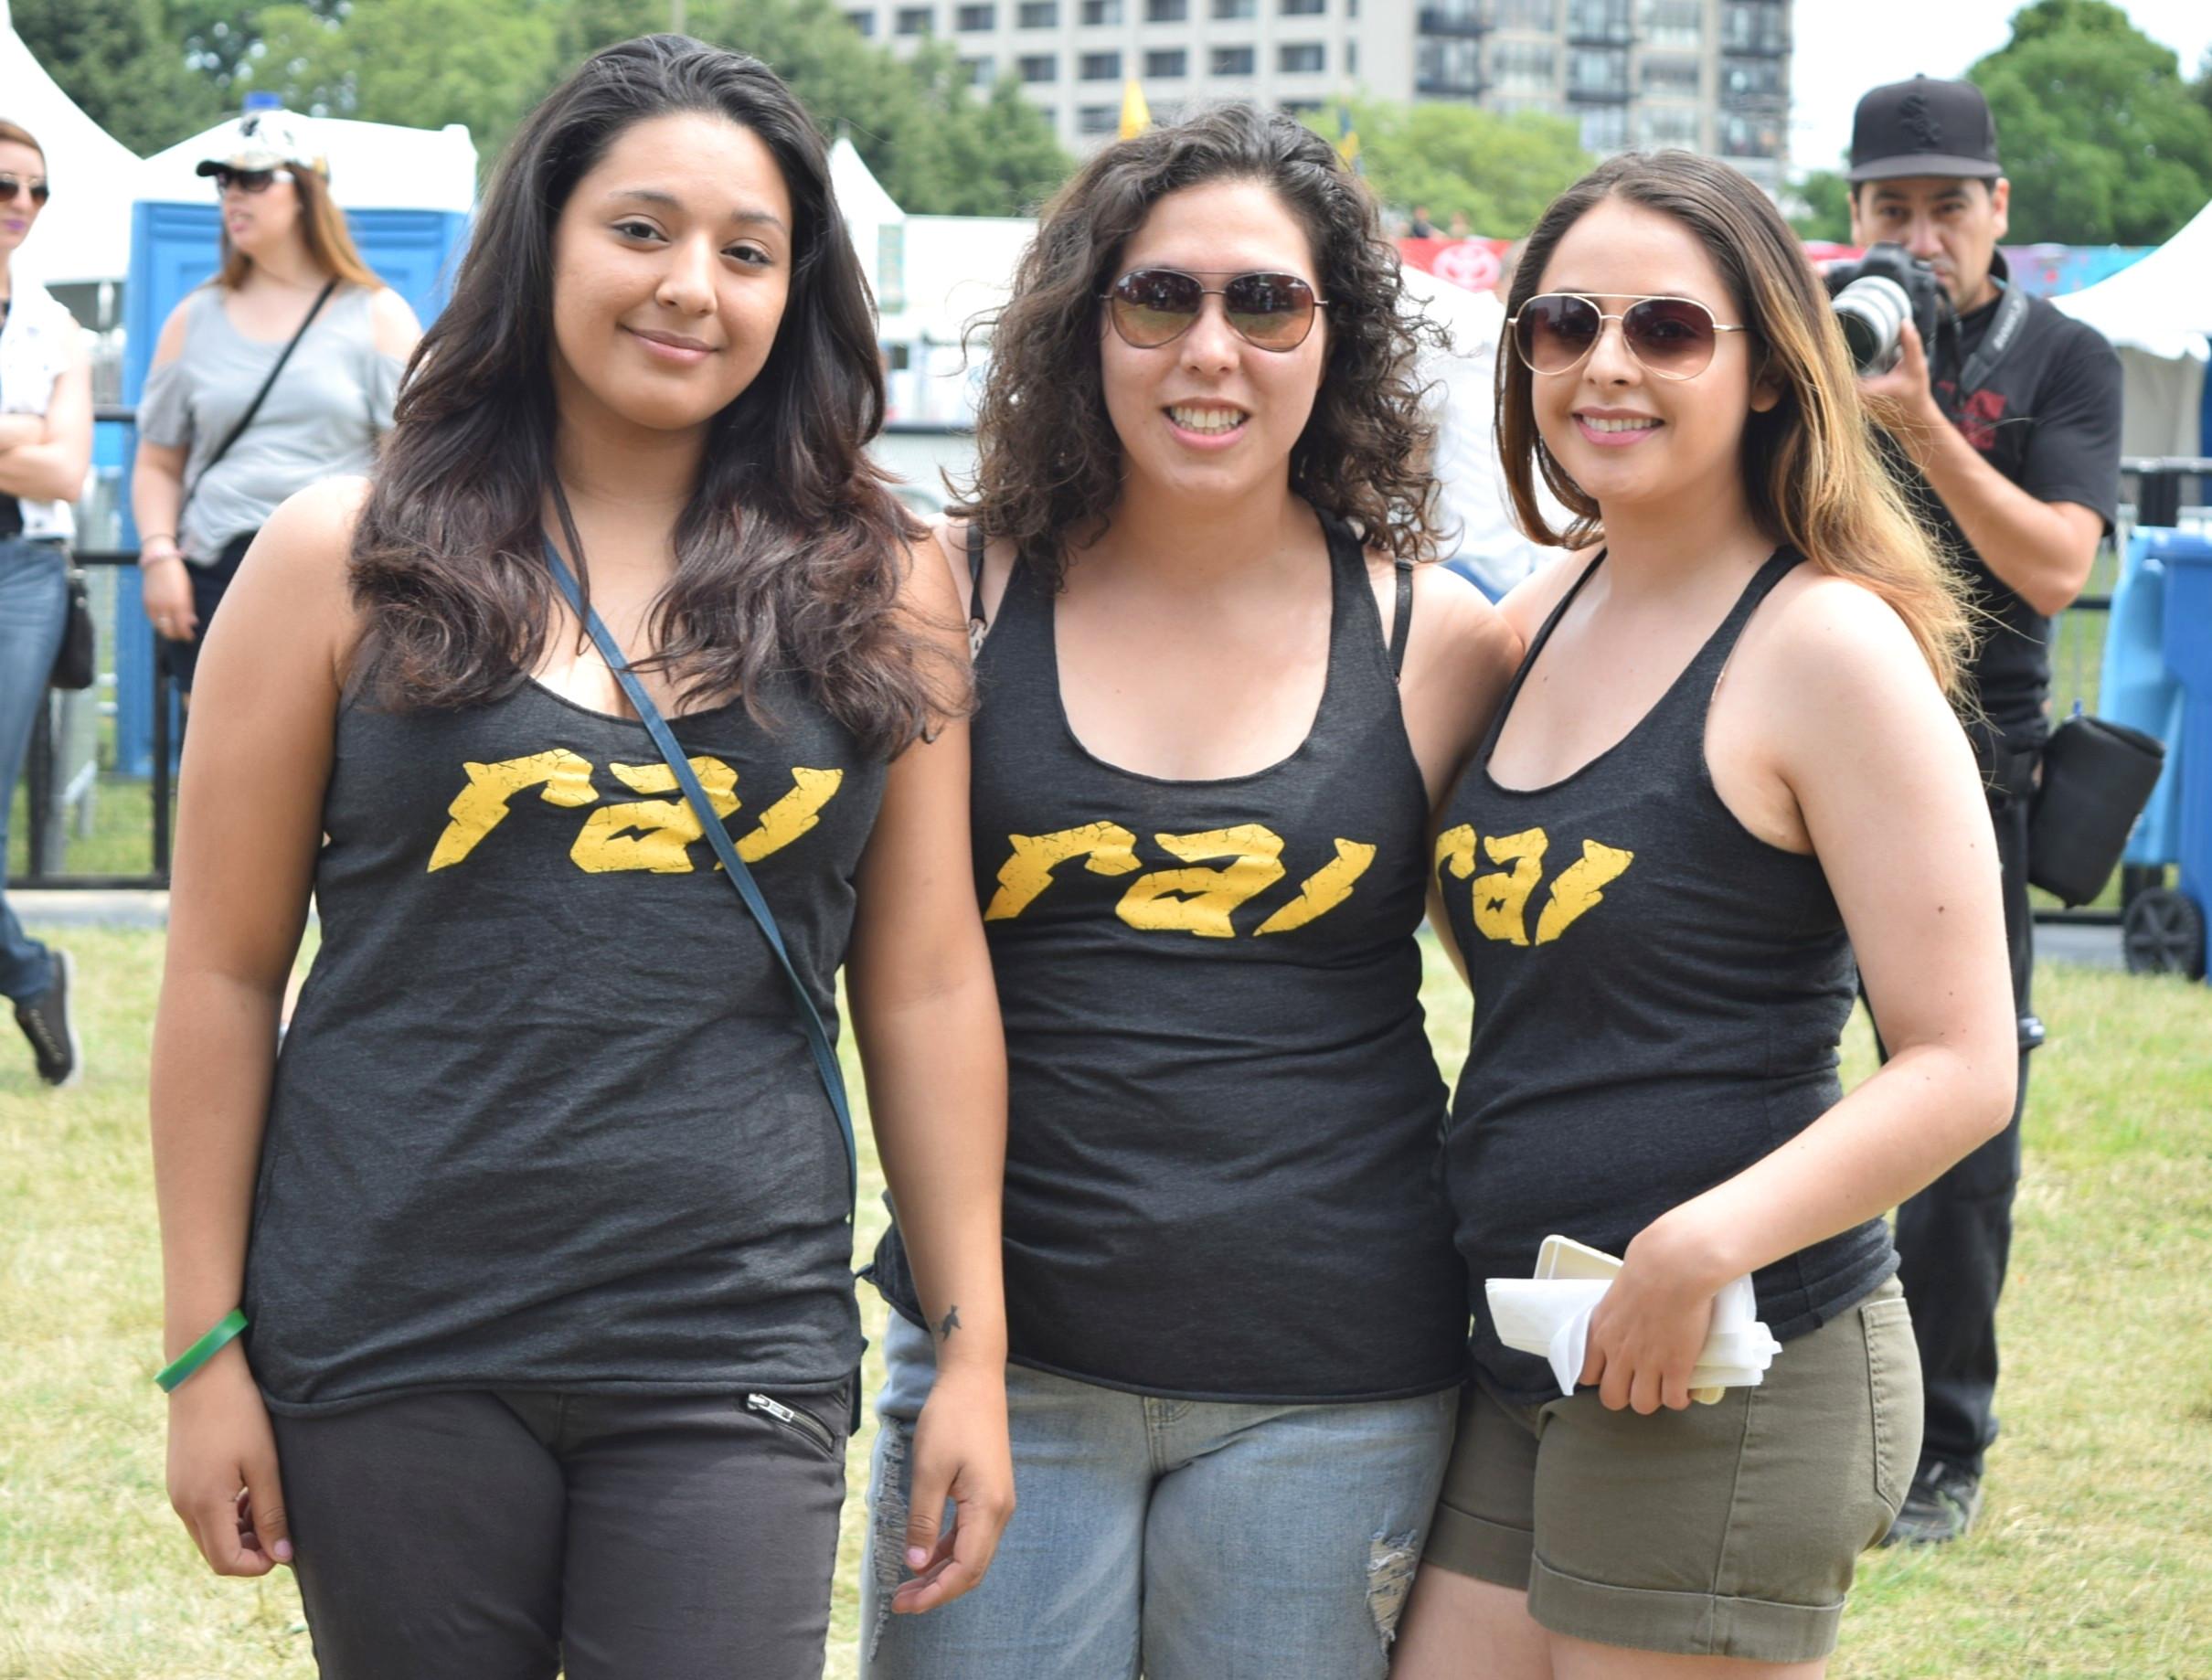 Raishirts.JPG